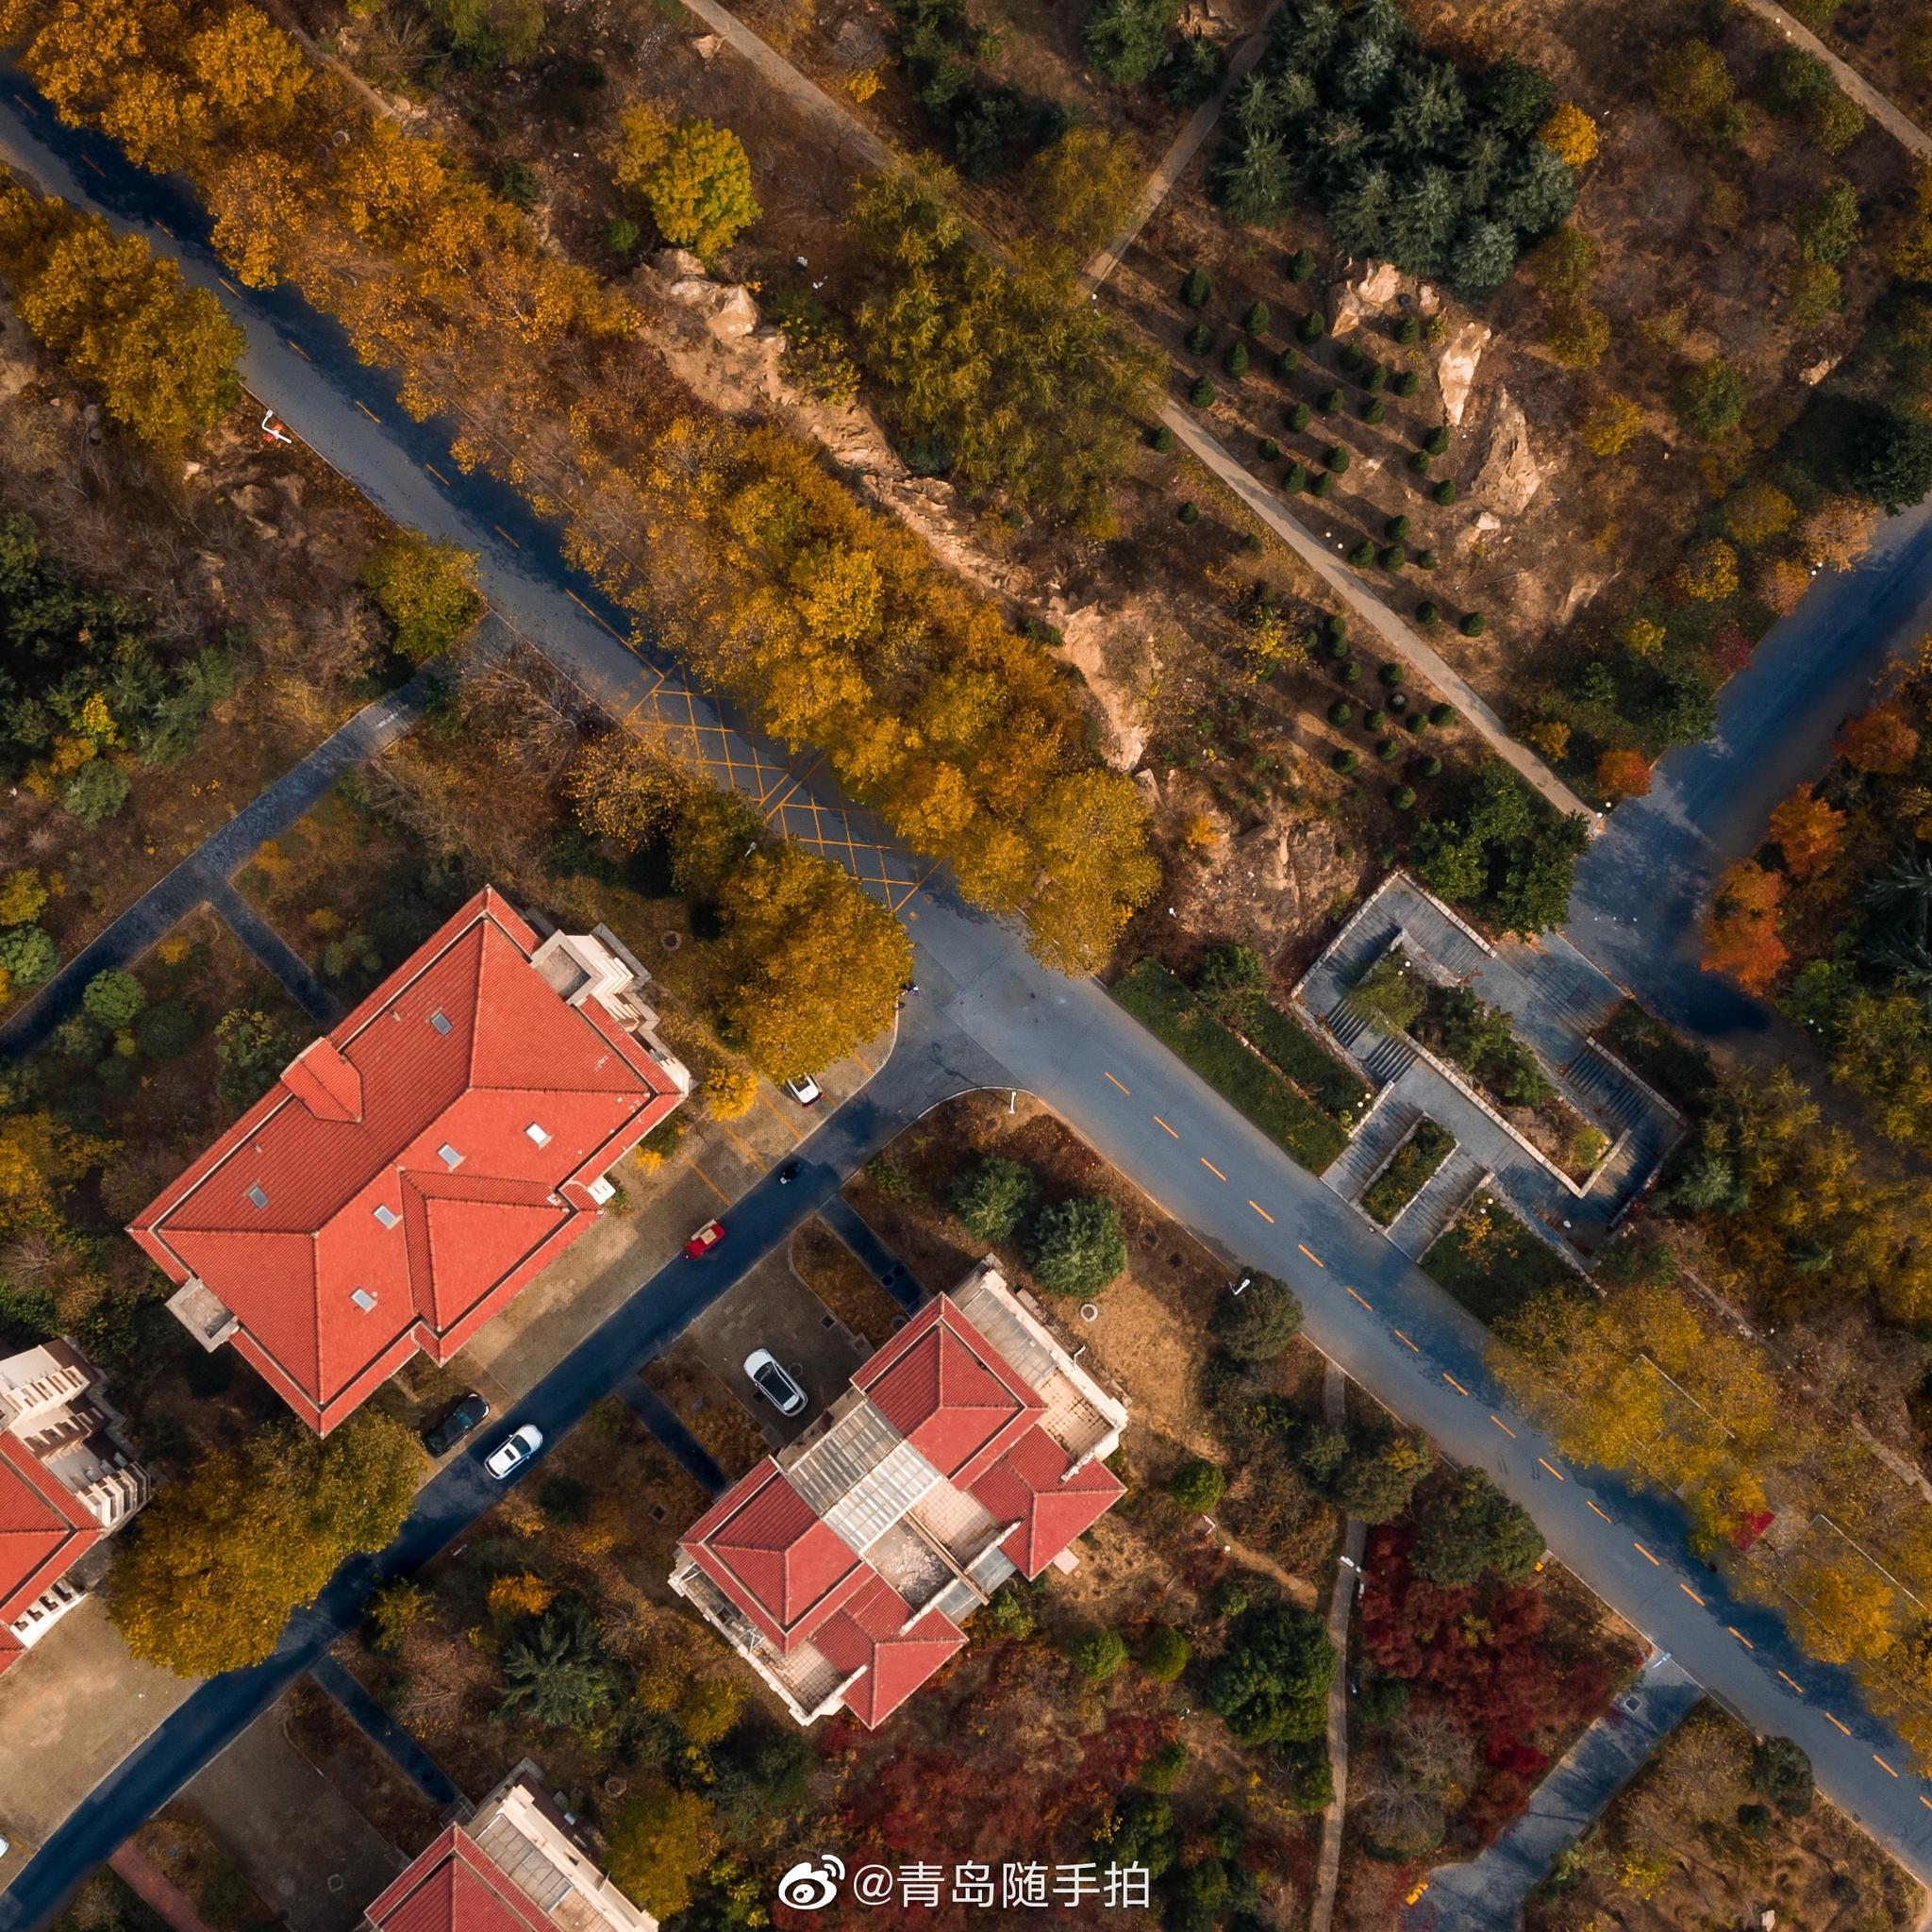 俯瞰深秋,这里是醉美大学@山东科技大学 | 青岛摄影/@K_iD_s